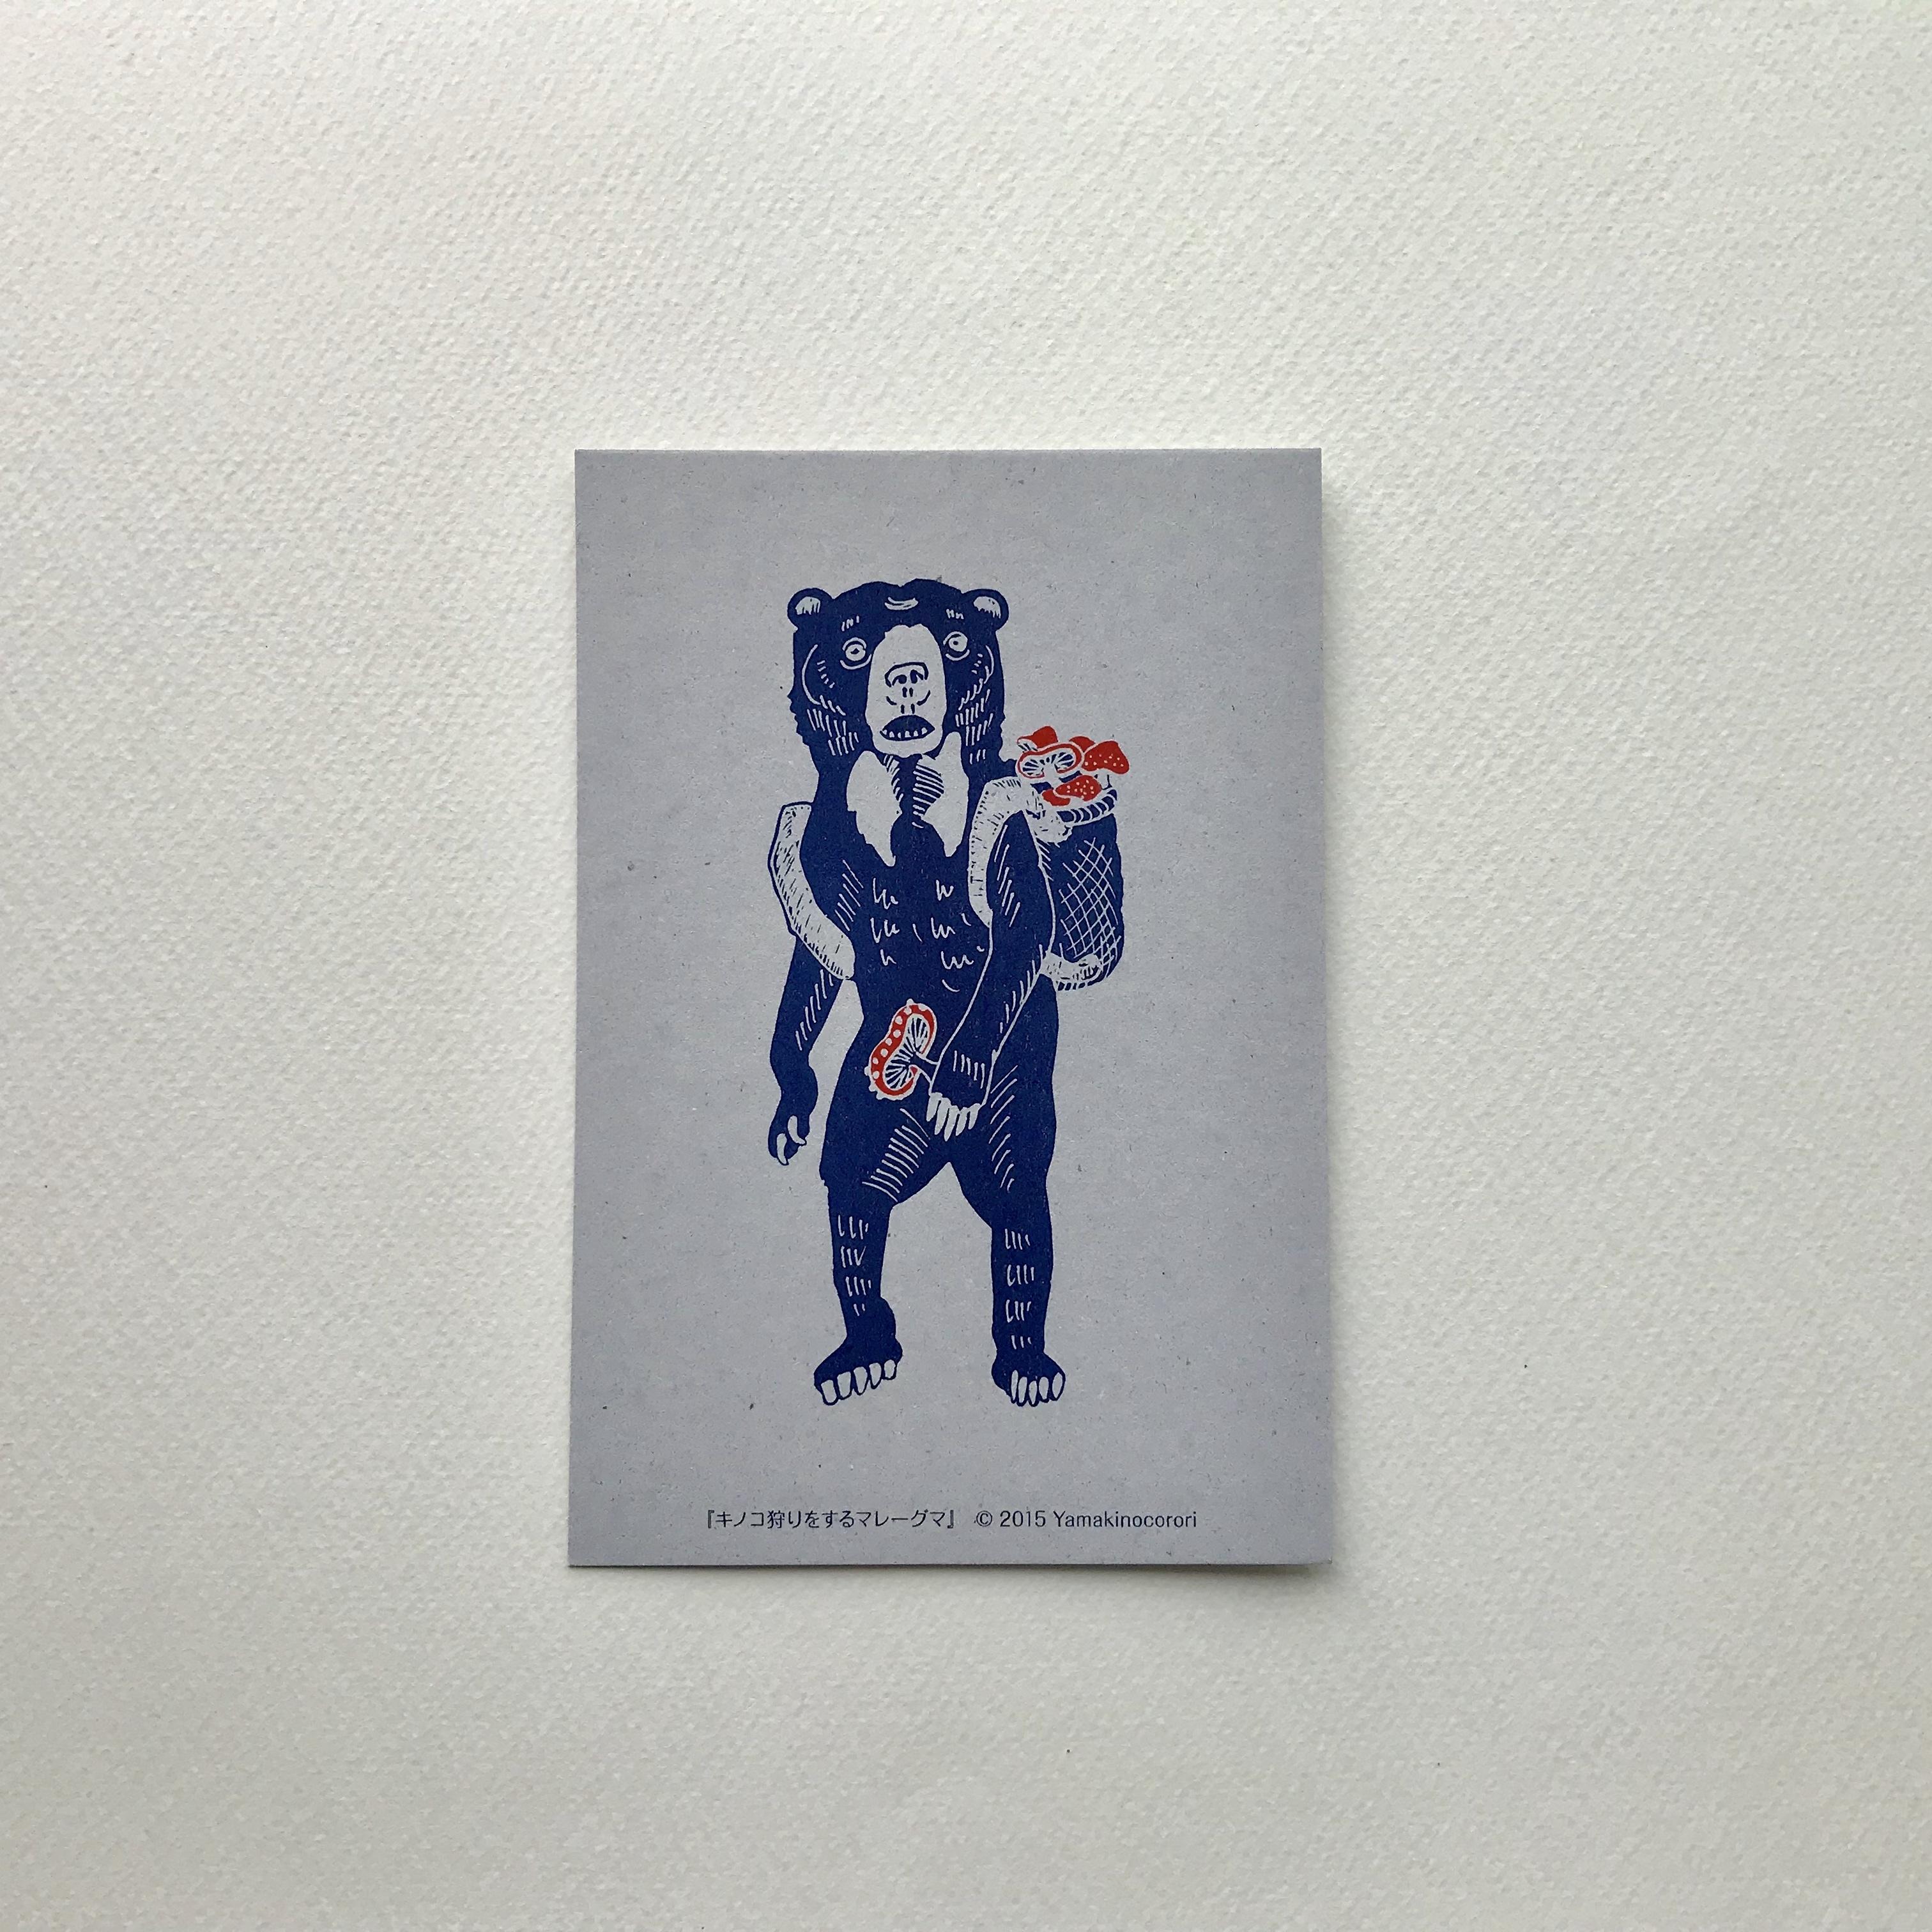 【ポストカード】キノコ狩りをするマレーグマ